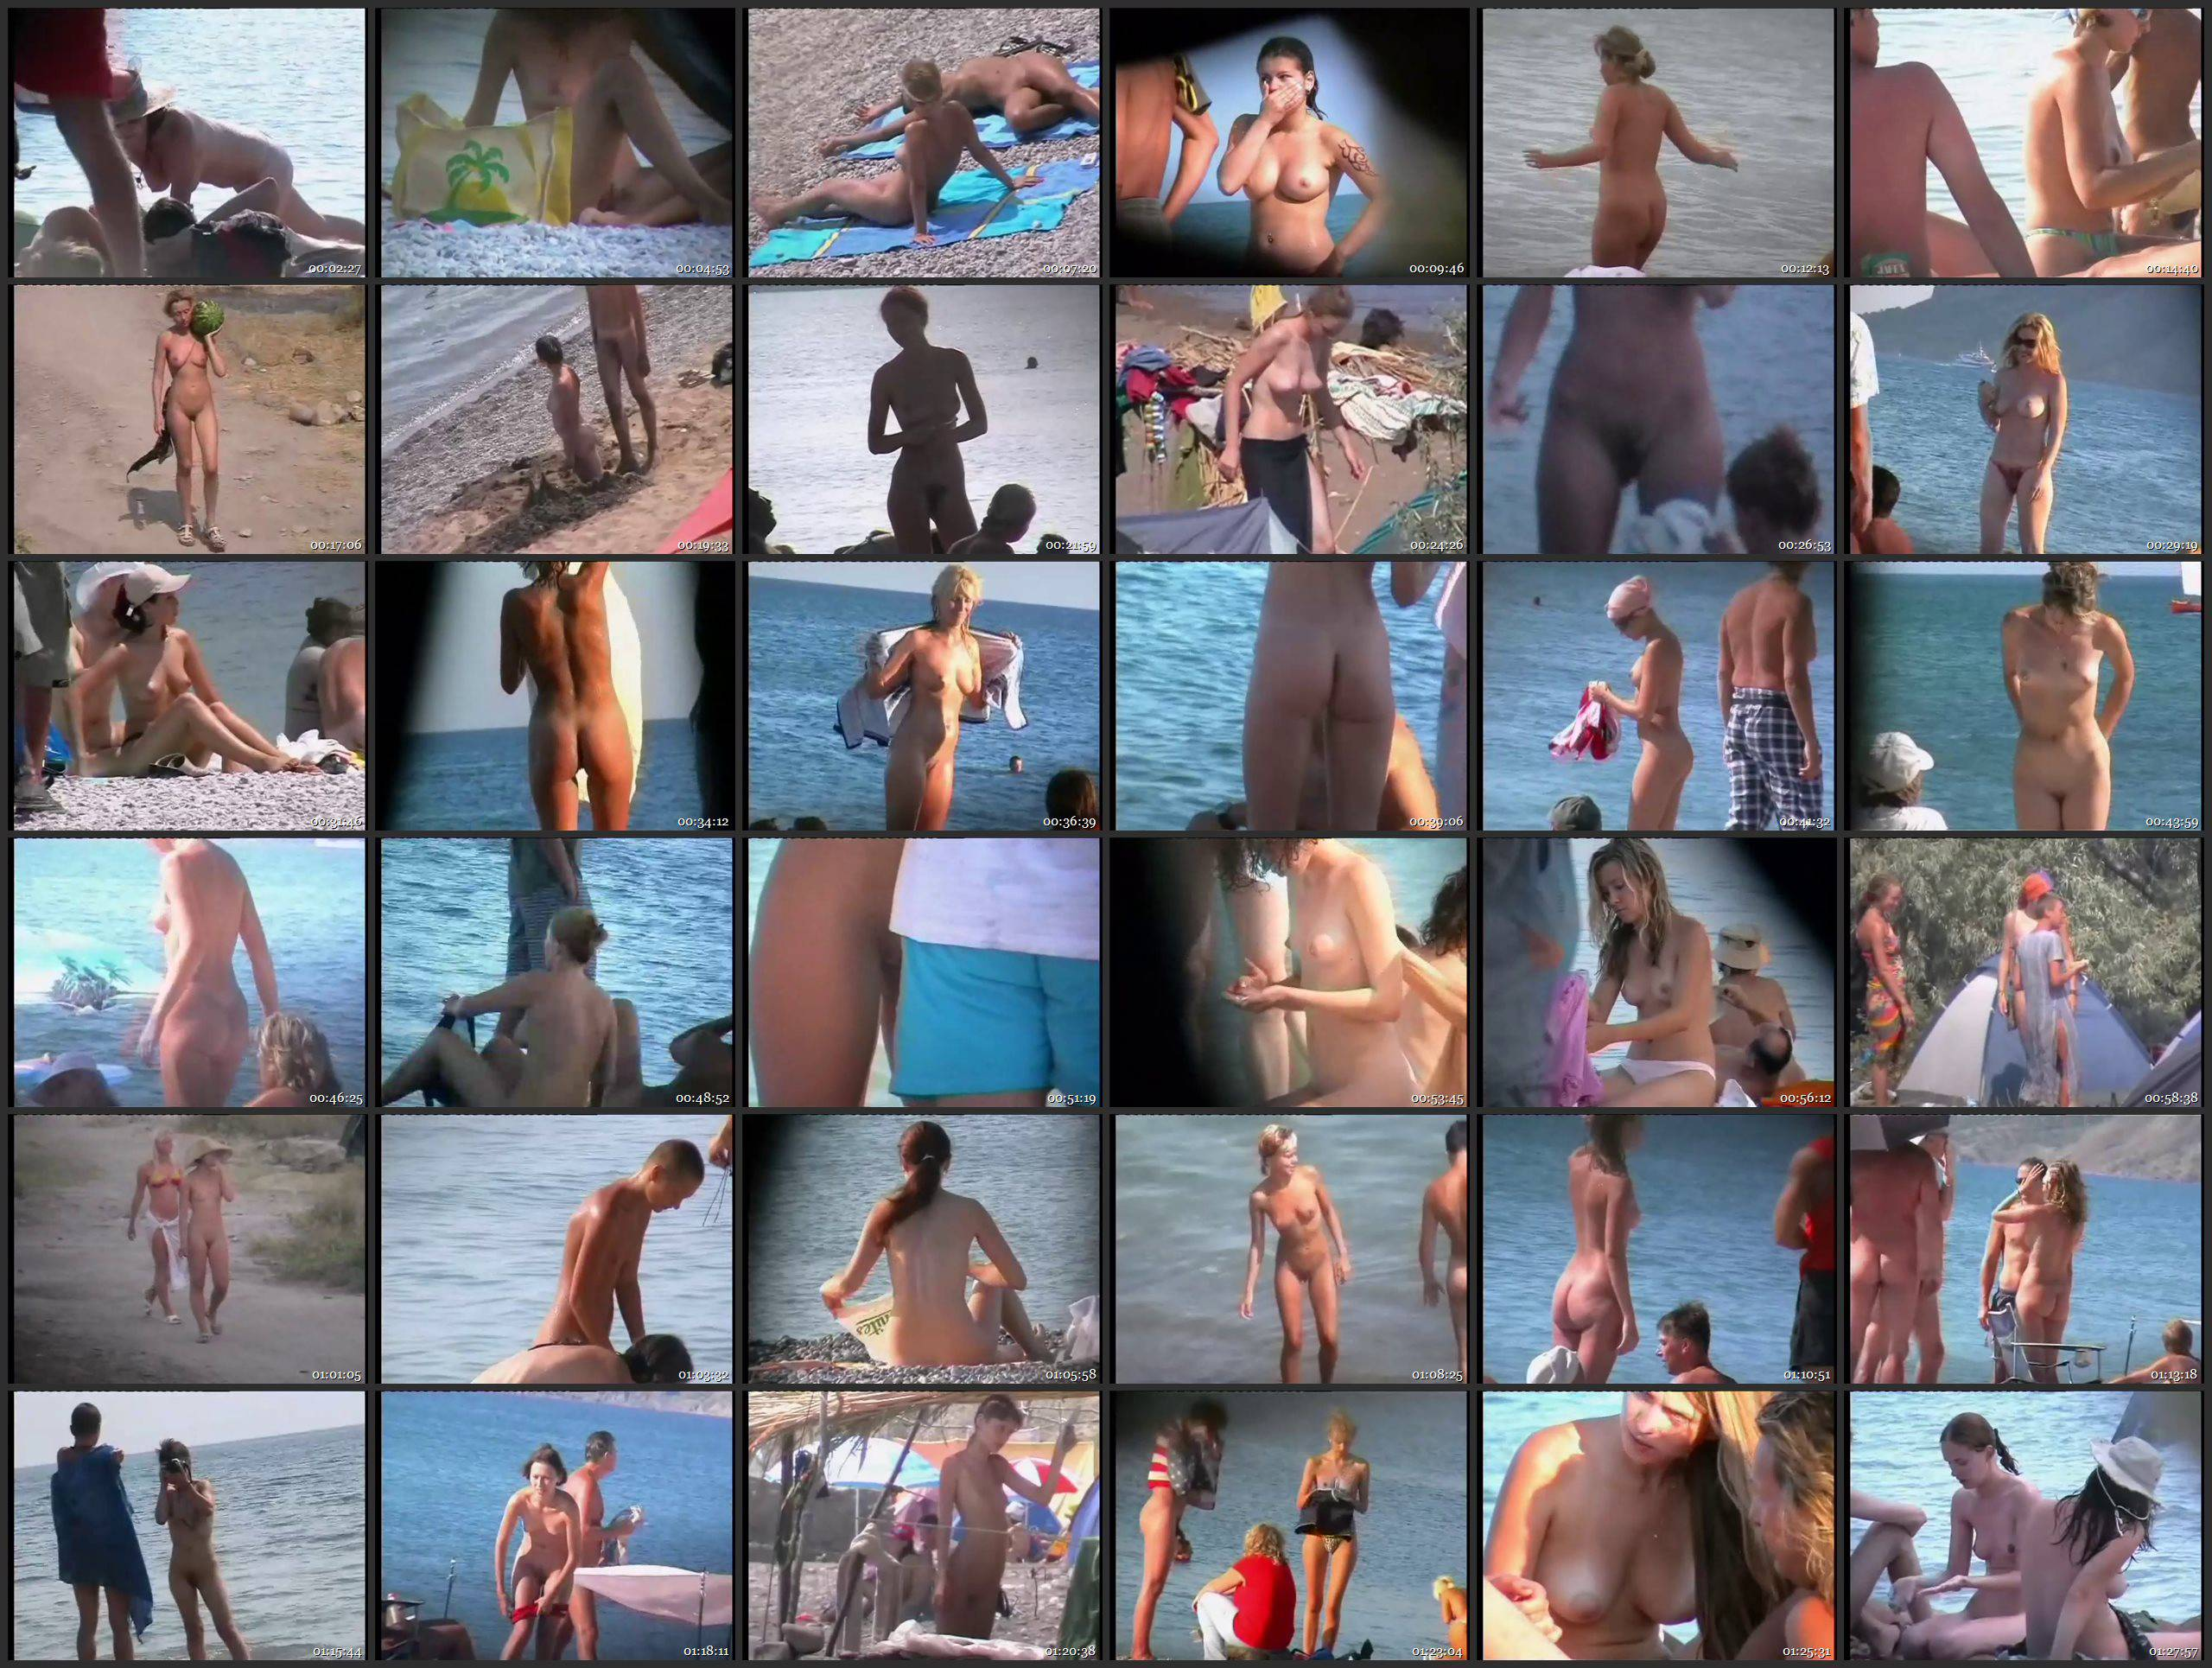 Naturist Videos-Shadows Nude Beach 1 - Thumbnails